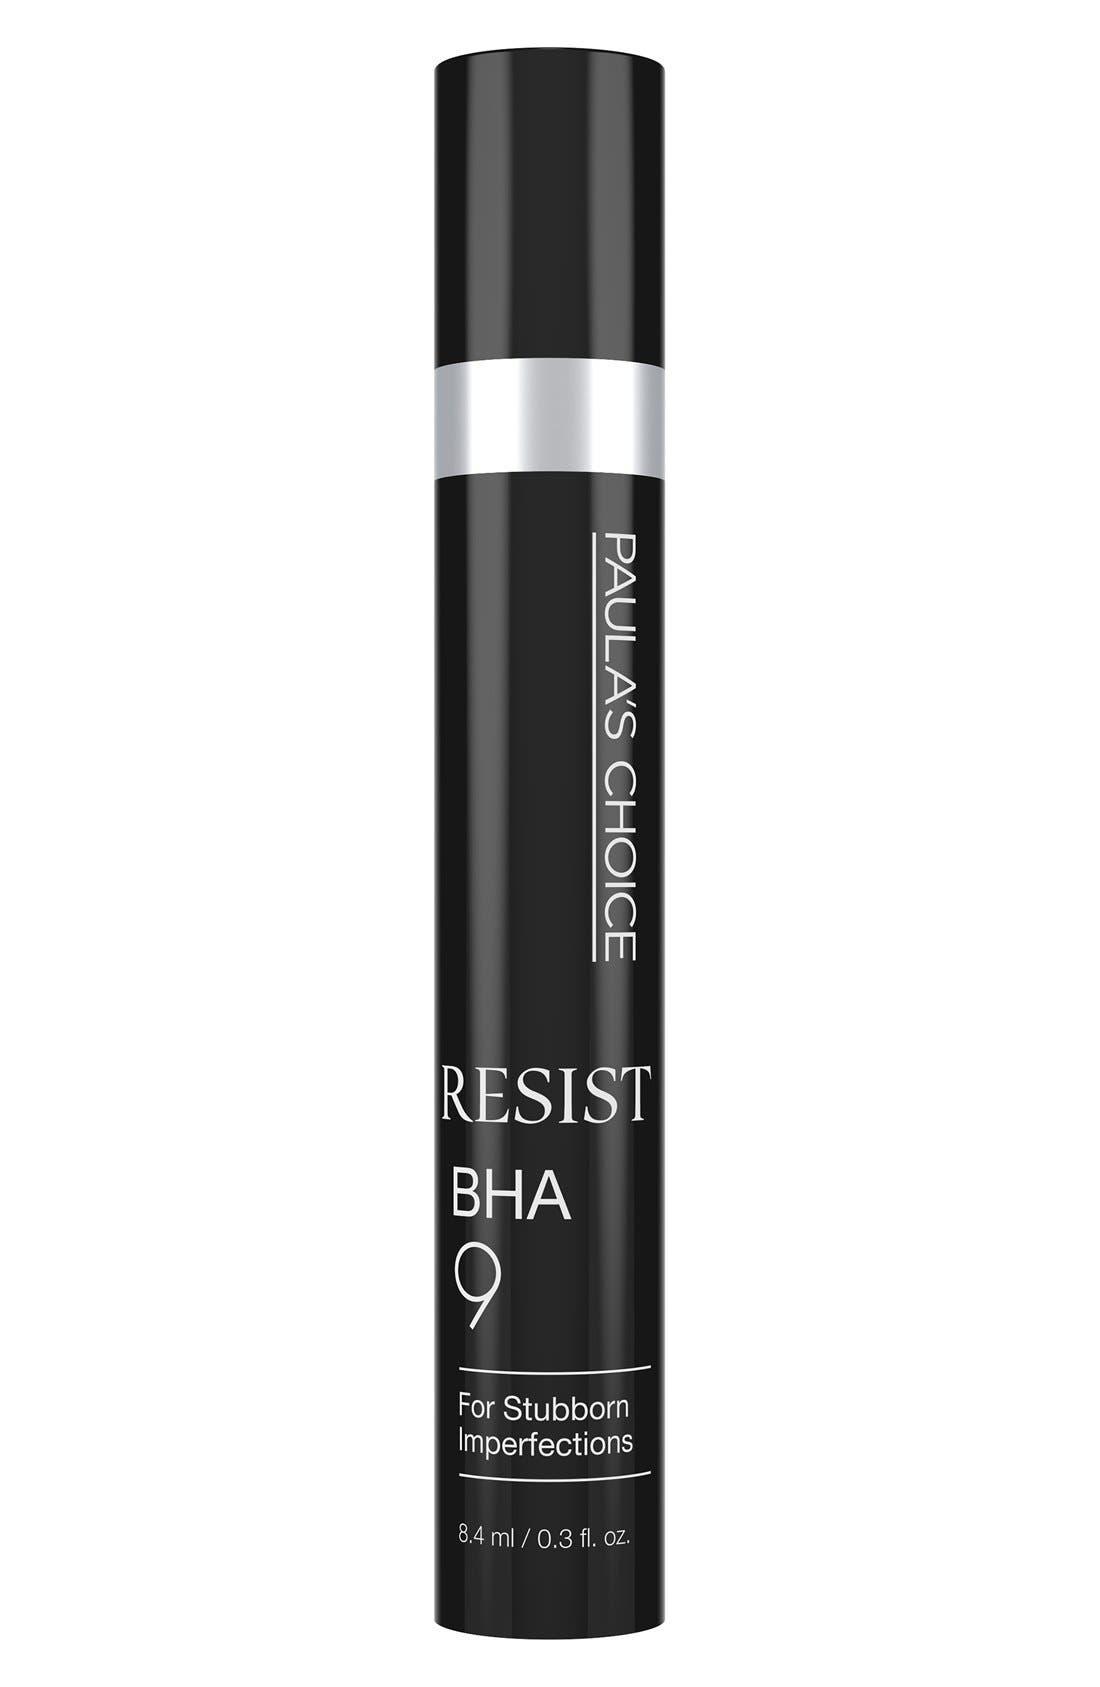 Resist BHA 9,                         Main,                         color, NO COLOR